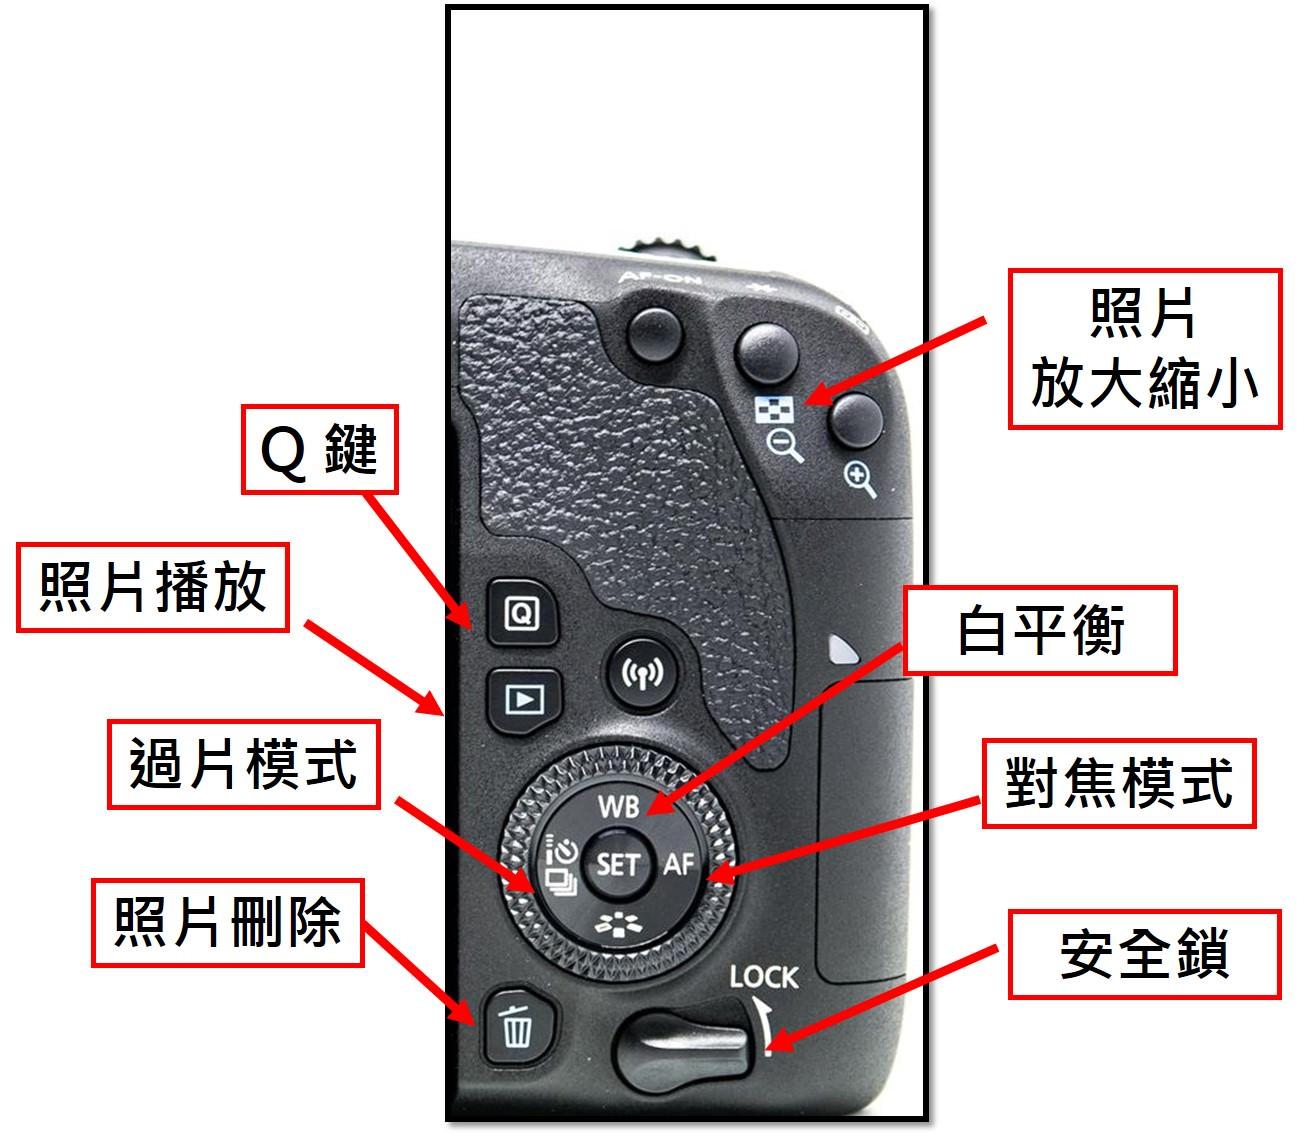 canon 快速鍵設定與介紹